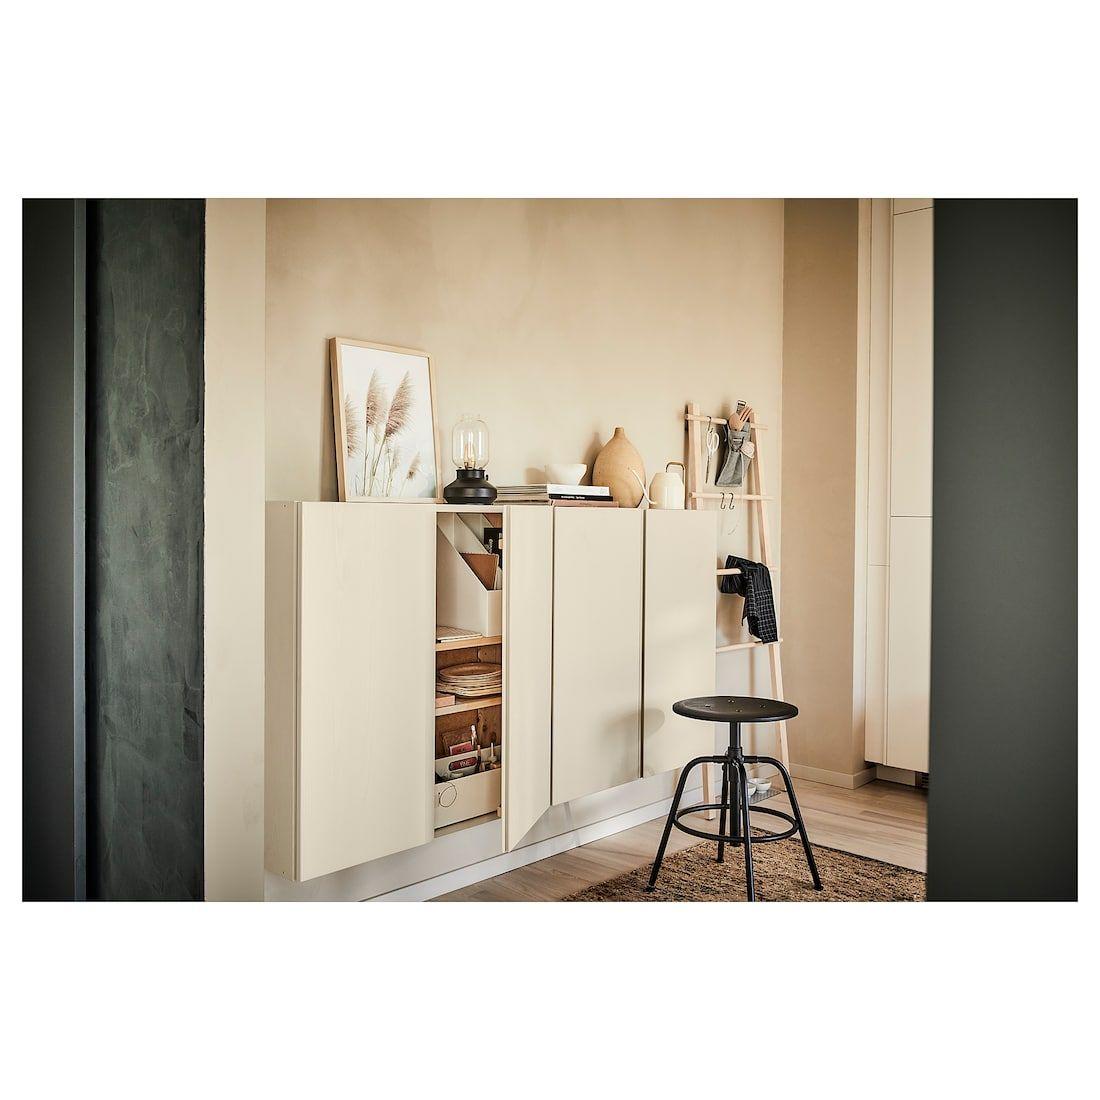 Ikea Ivar Pine Cabinet In 2020 Ikea Ikea Ivar Cabinet Cabinet